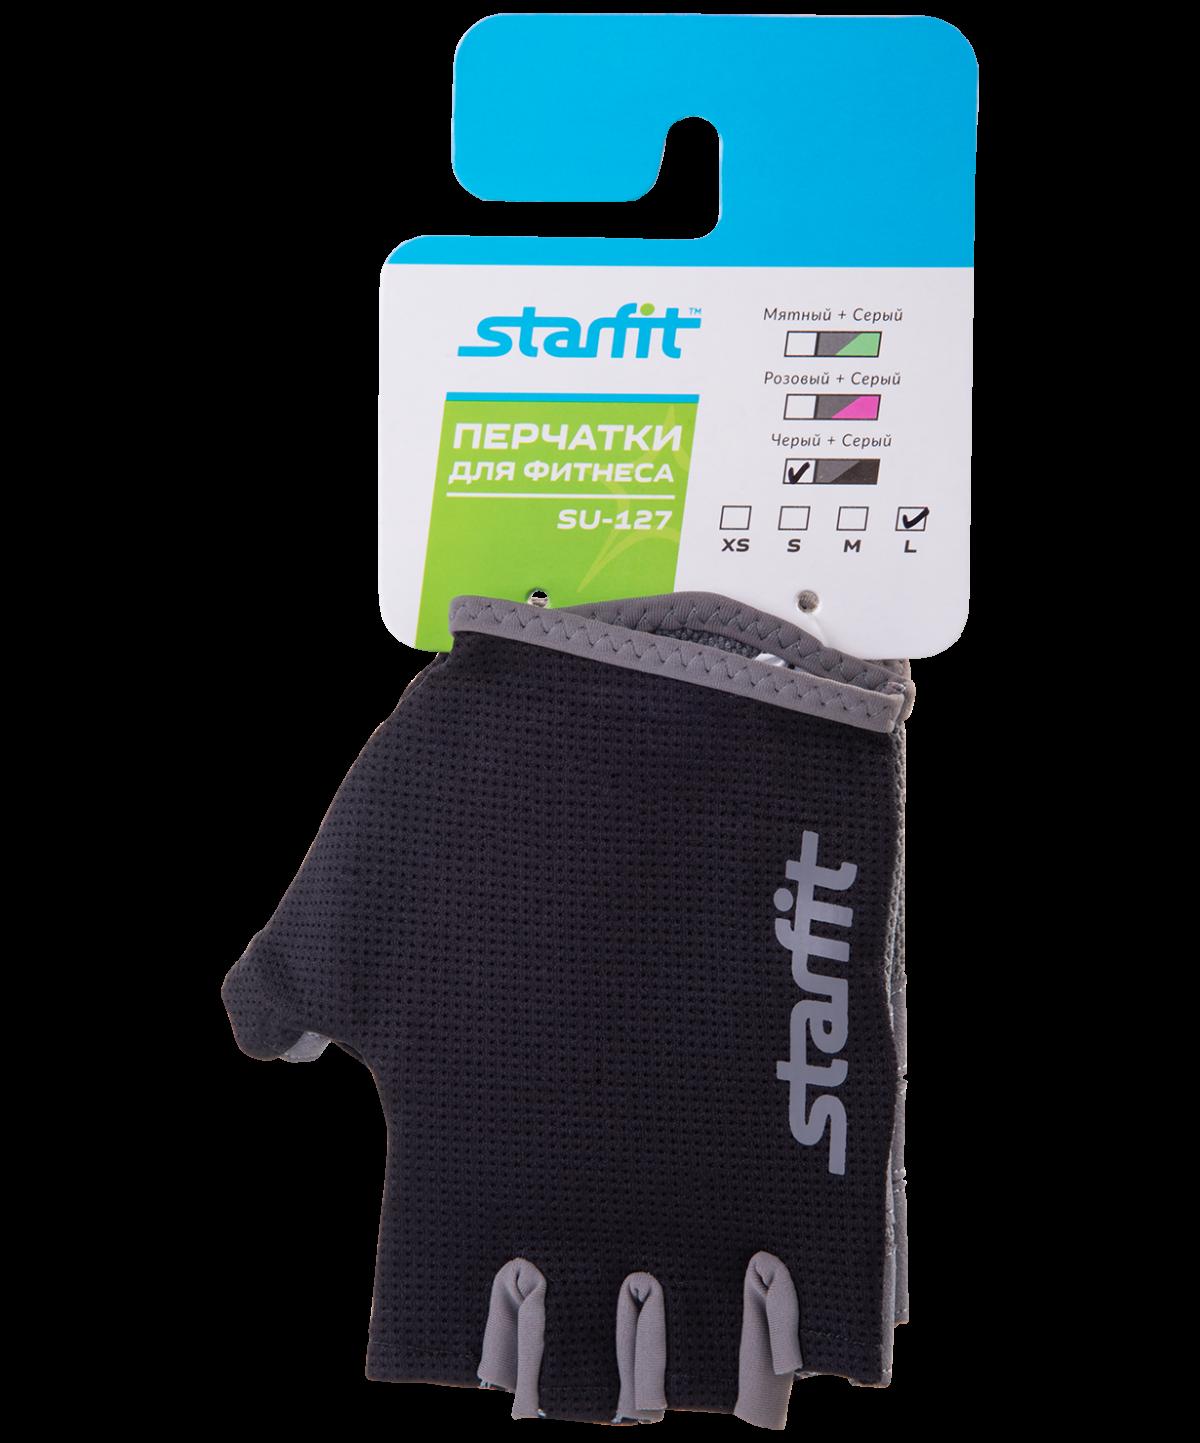 STARFIT Перчатки для фитнеса SU-127 : чёрный/серый - 2